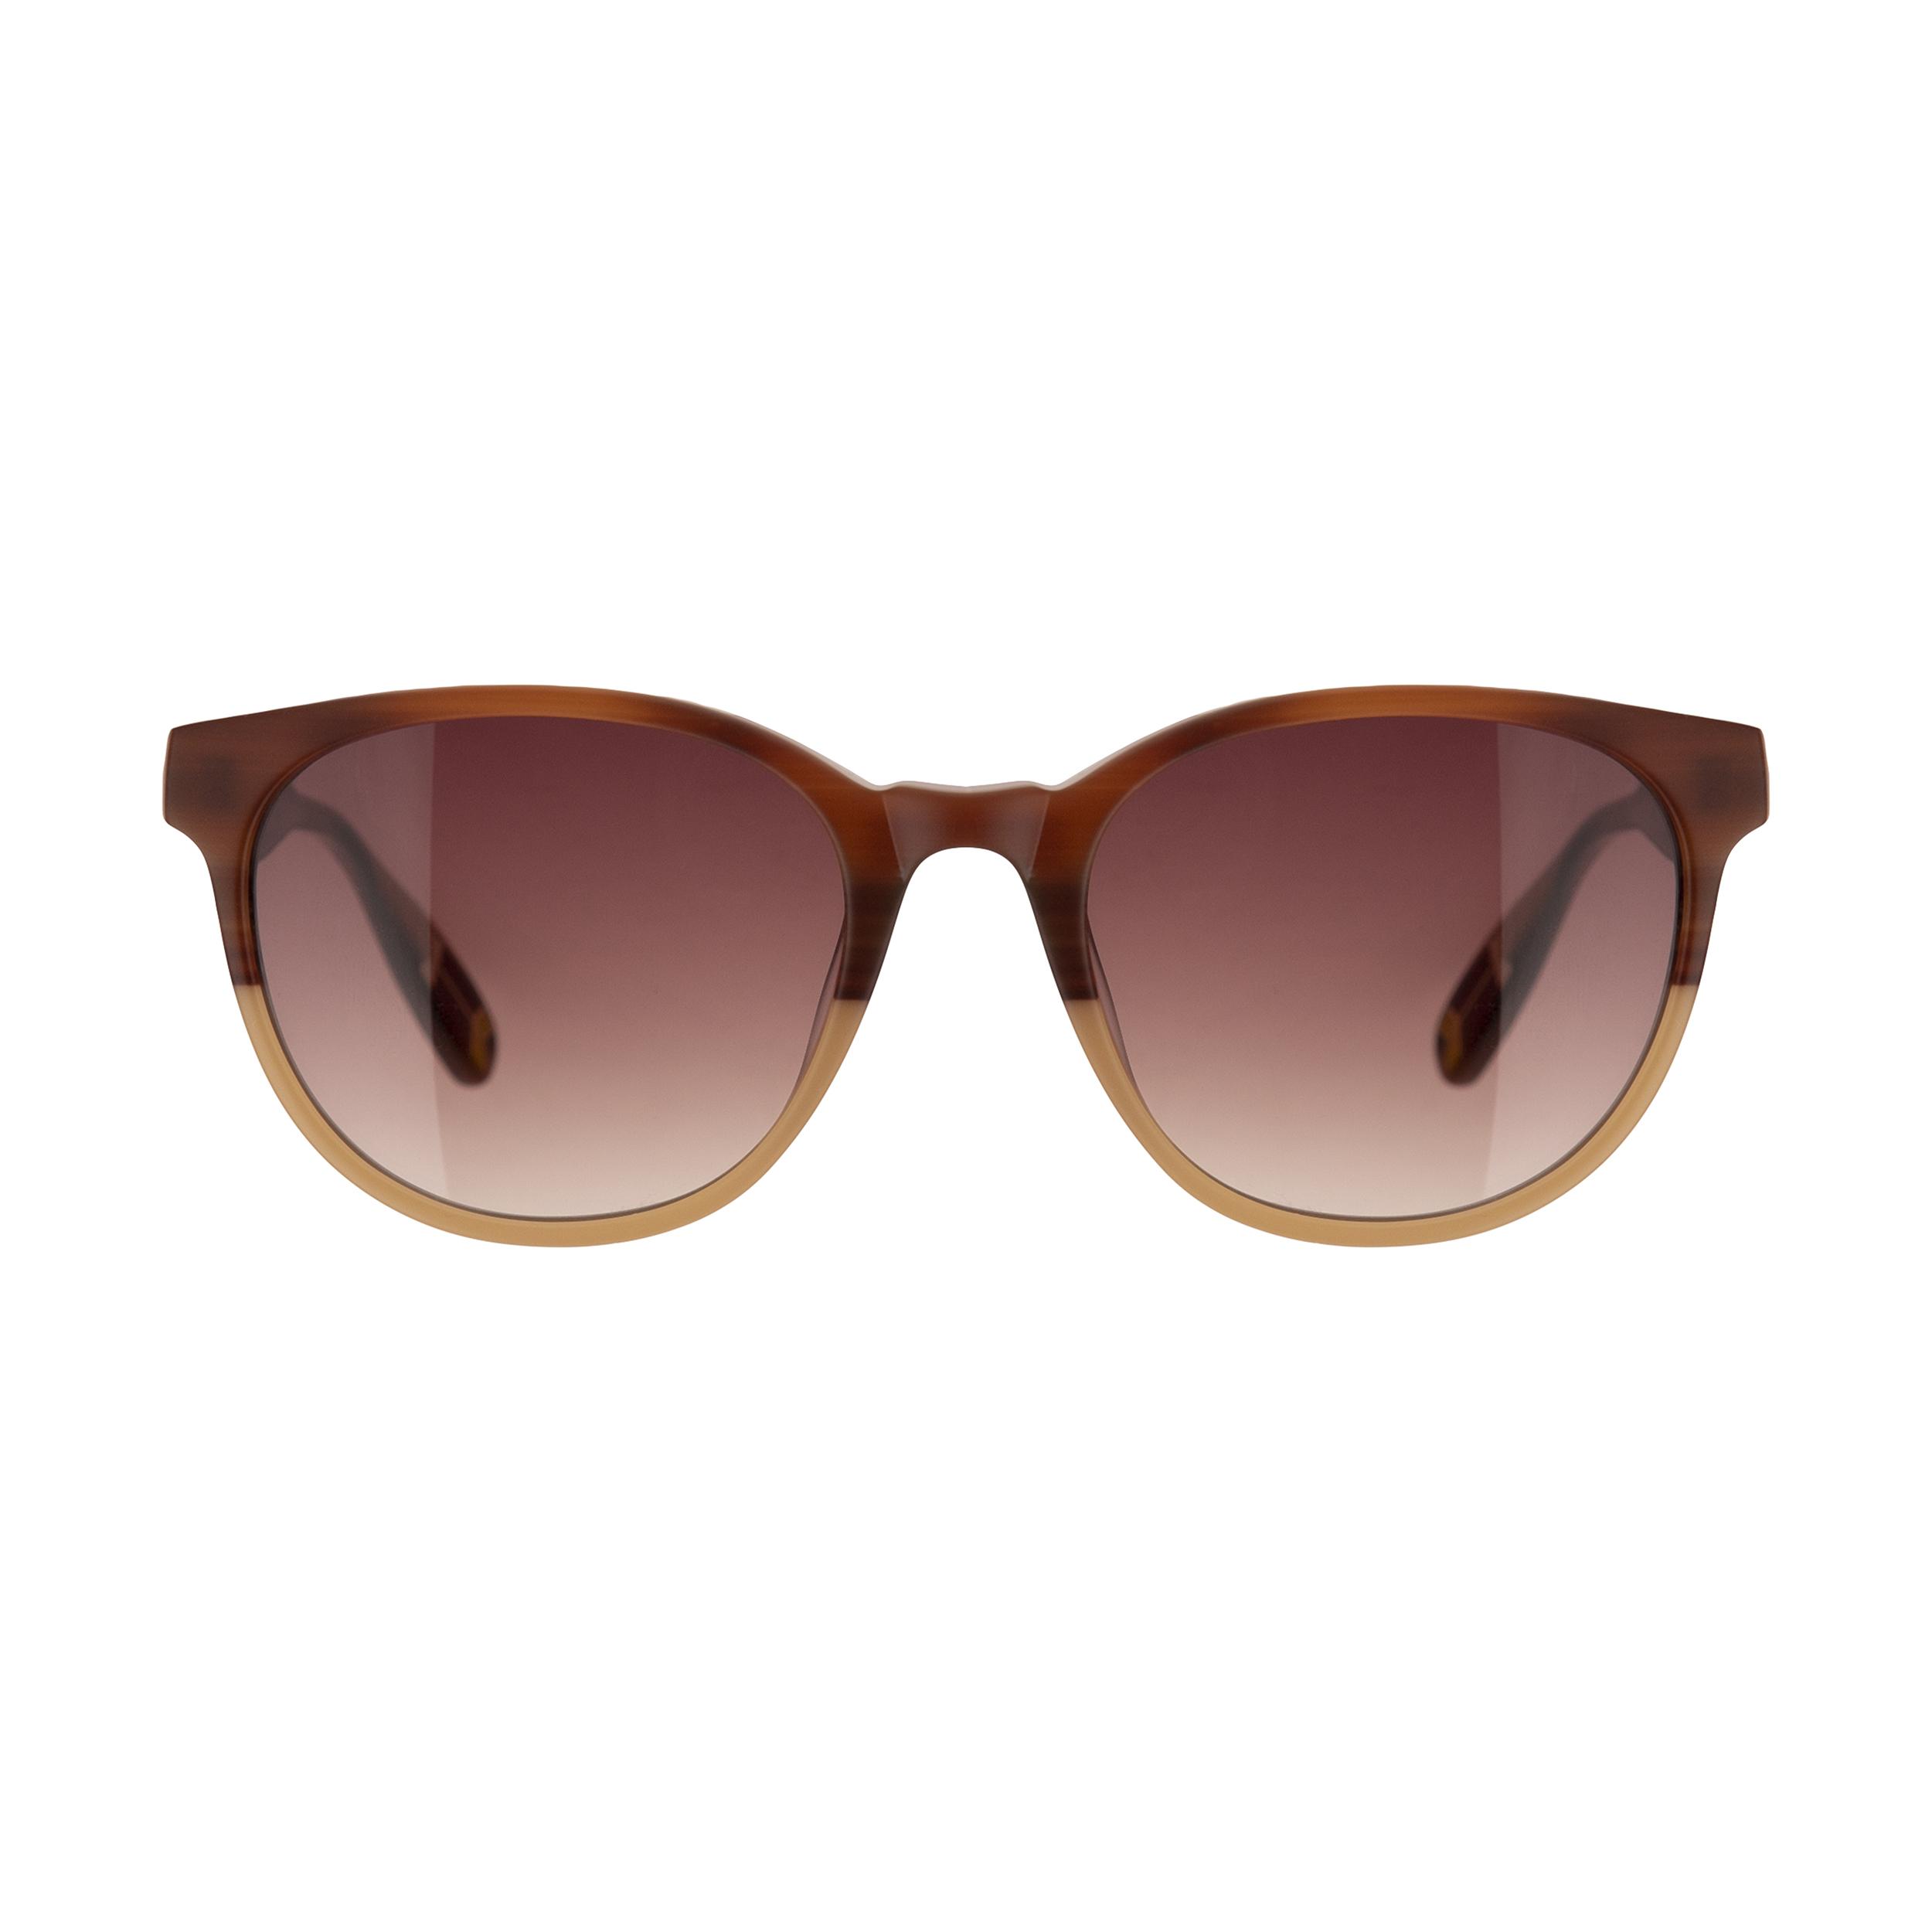 عینک آفتابی مردانه تد بیکر مدل TB 1544 158